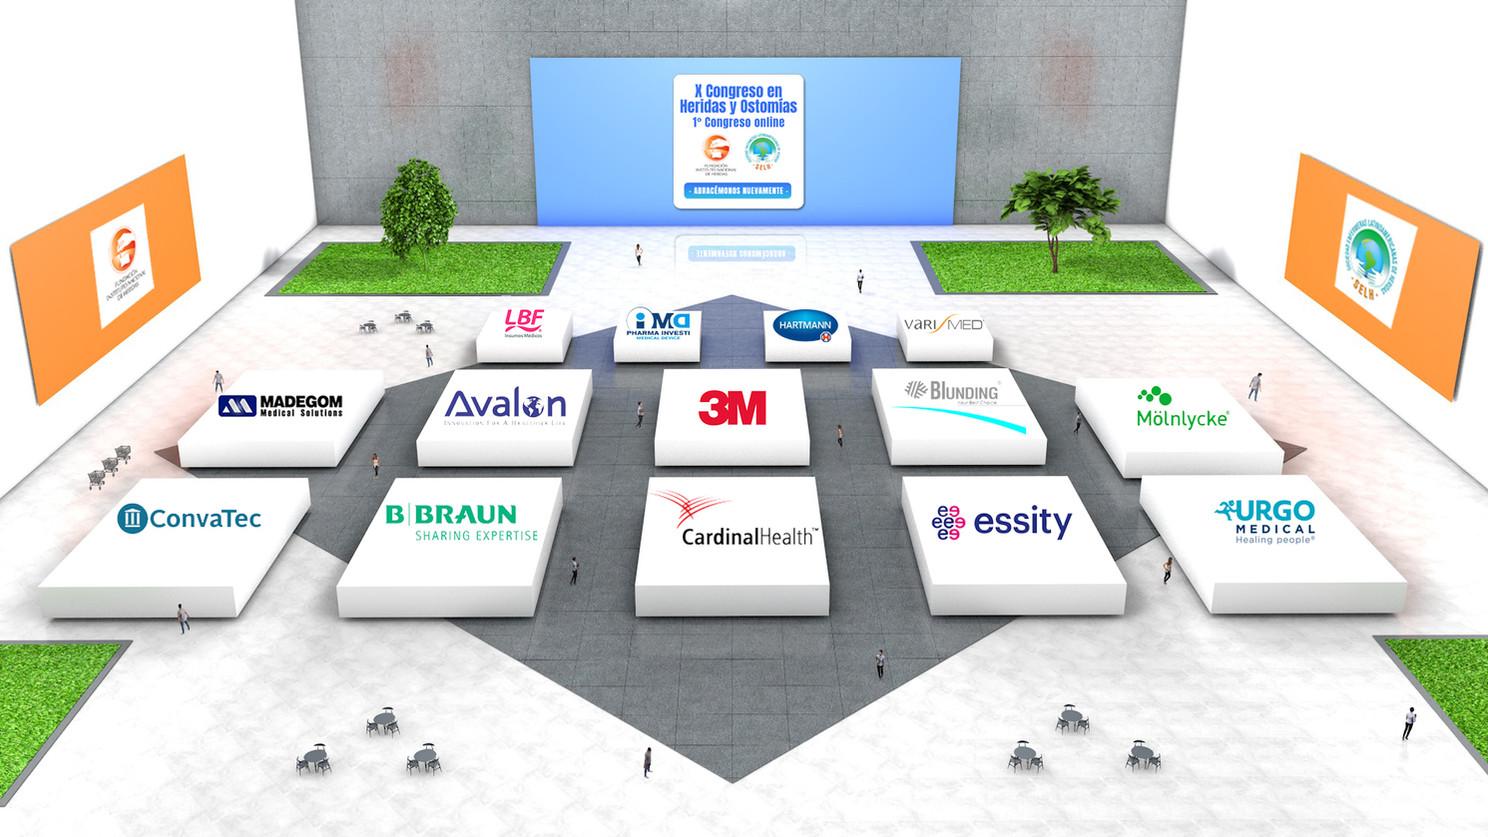 Maqueta con logos v3.jpg